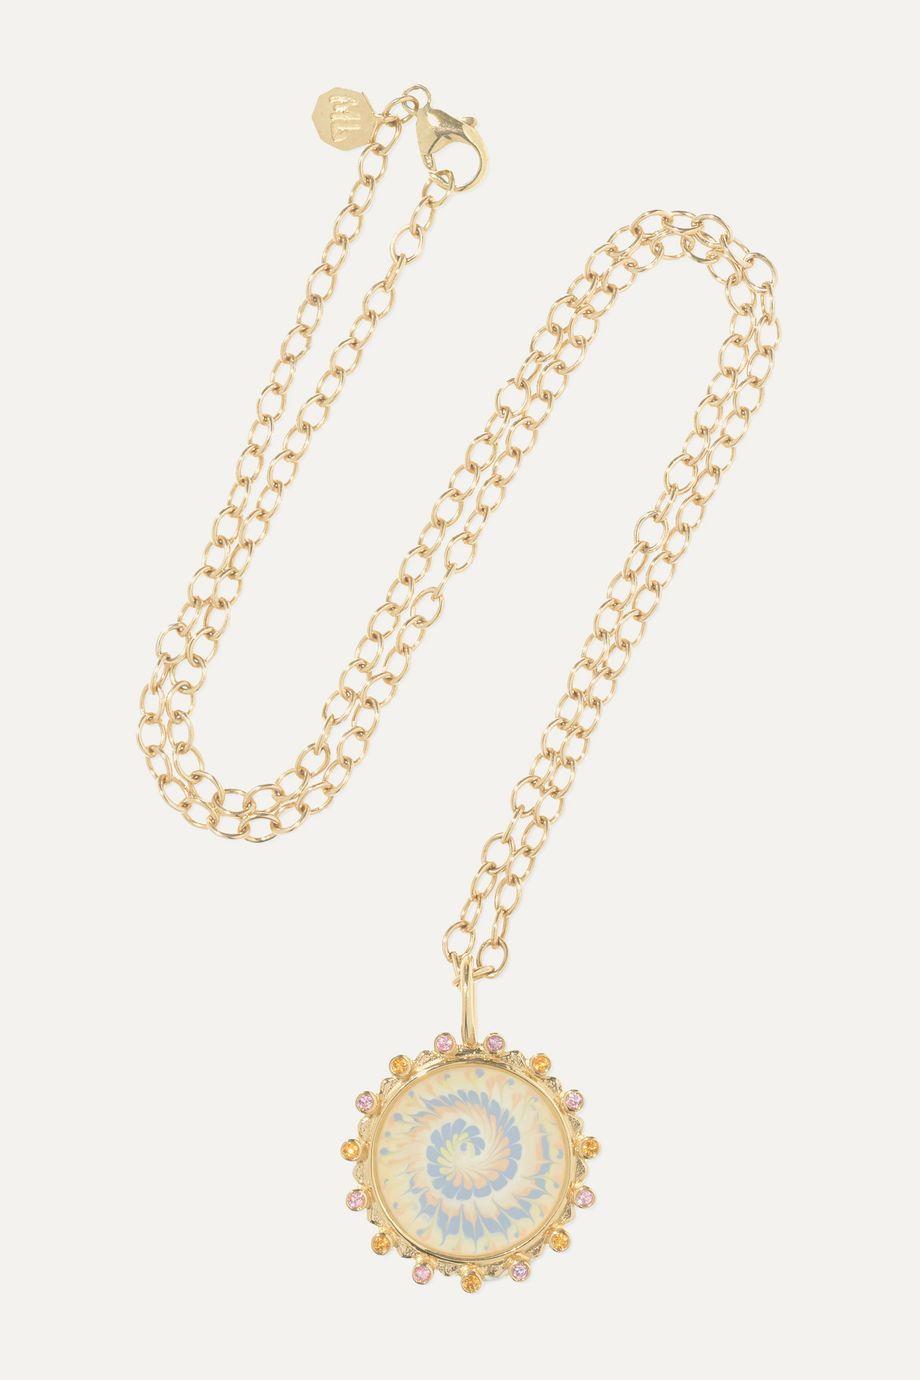 Marlo Laz Tie Die 14-karat gold sapphire necklace